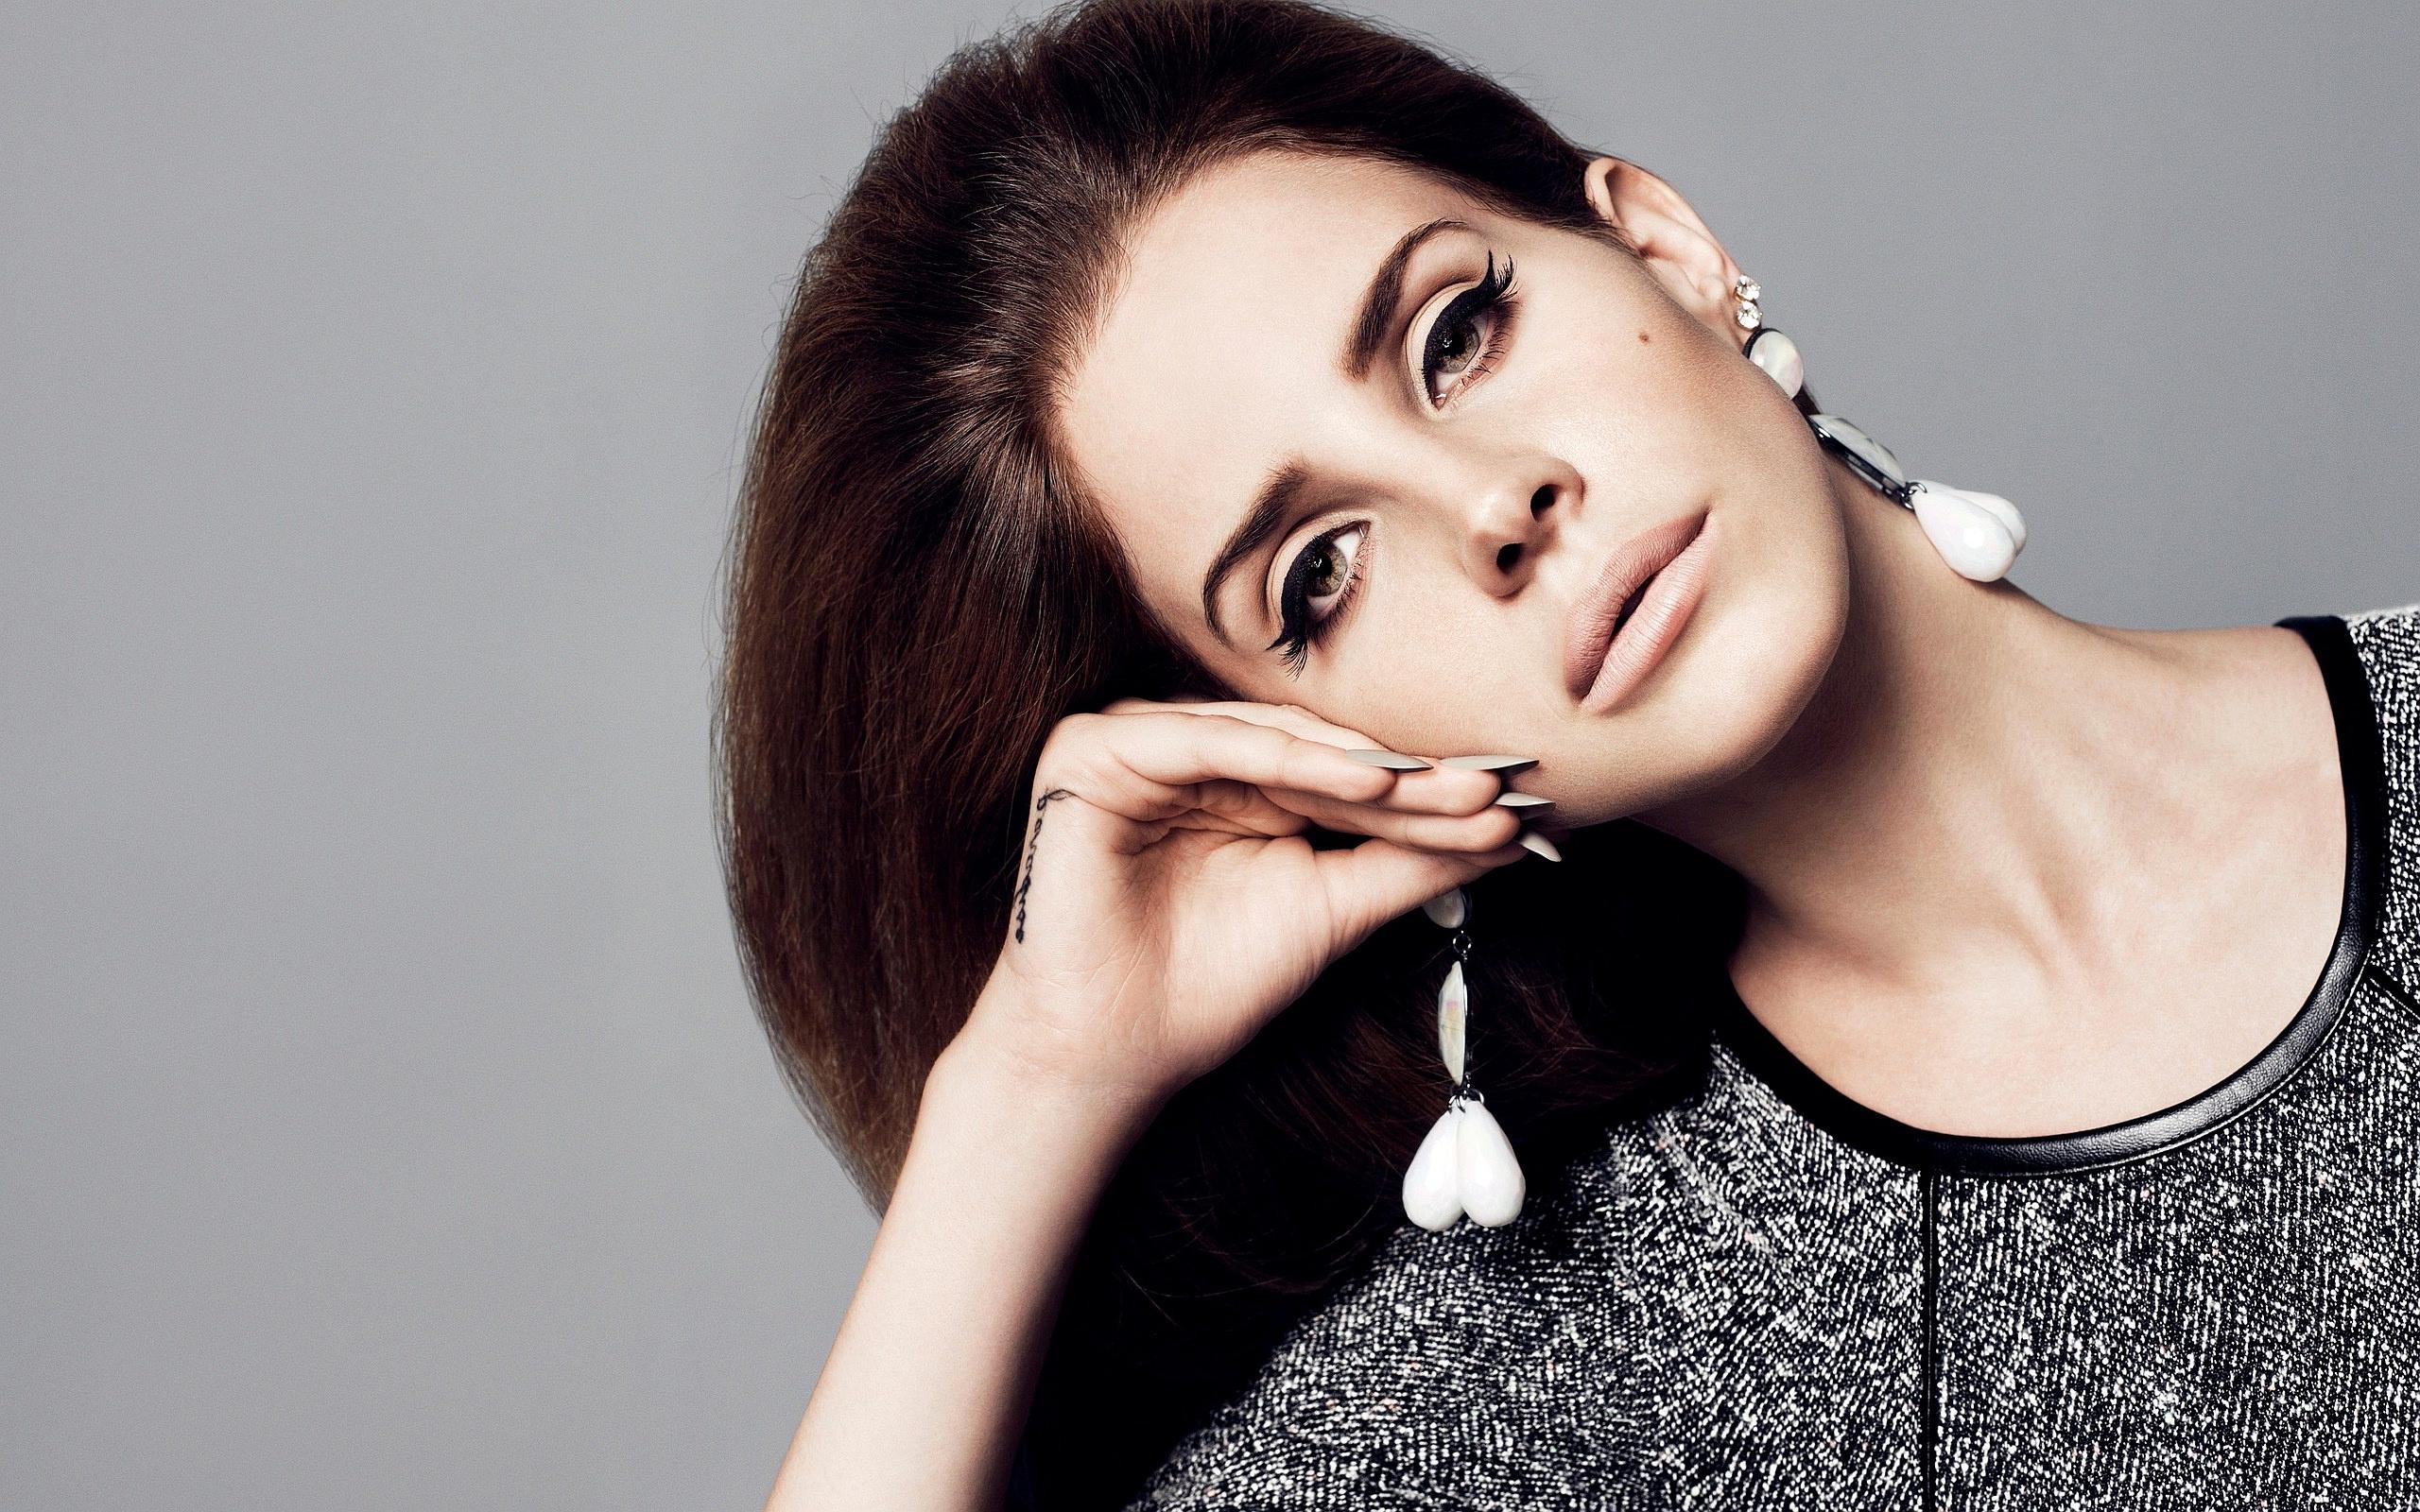 Lana-Del-Rey-Face